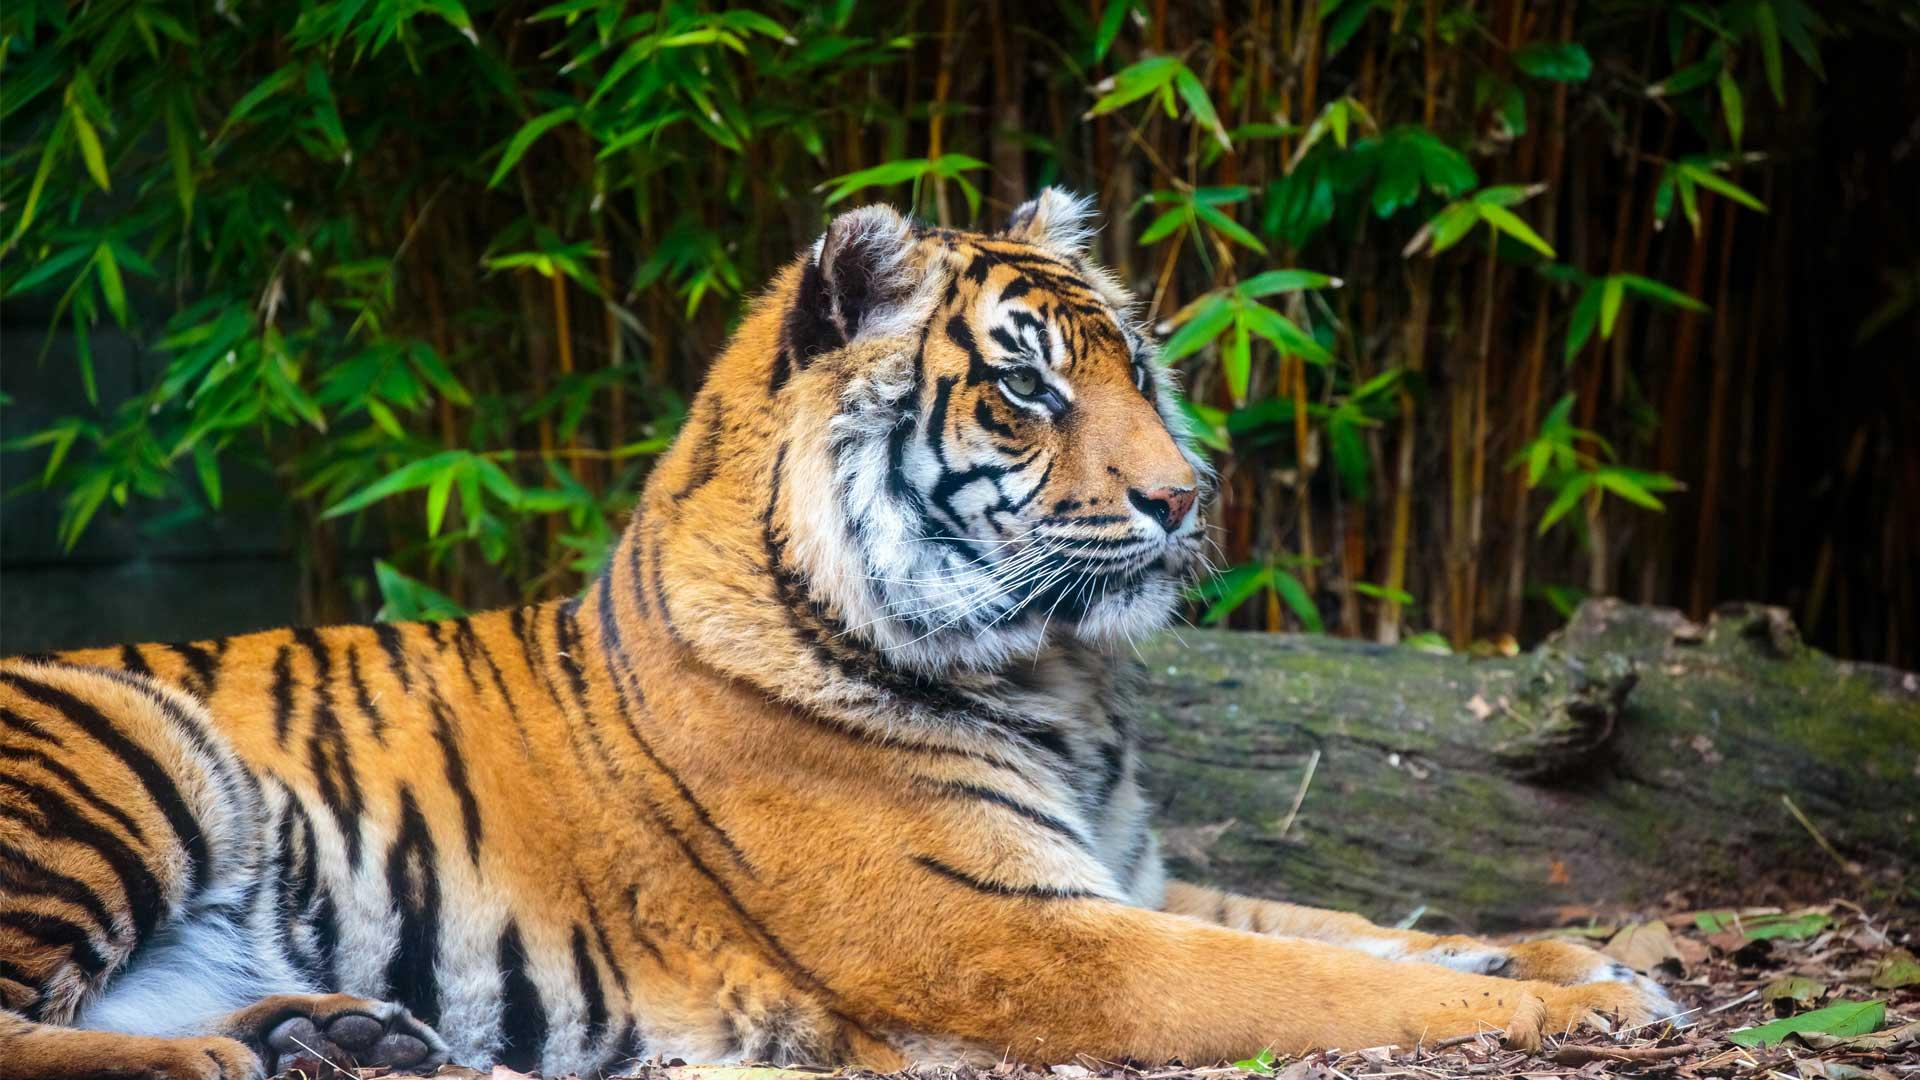 https://rfacdn.nz/zoo/assets/media/sumatran-tiger-gallery-4.jpg